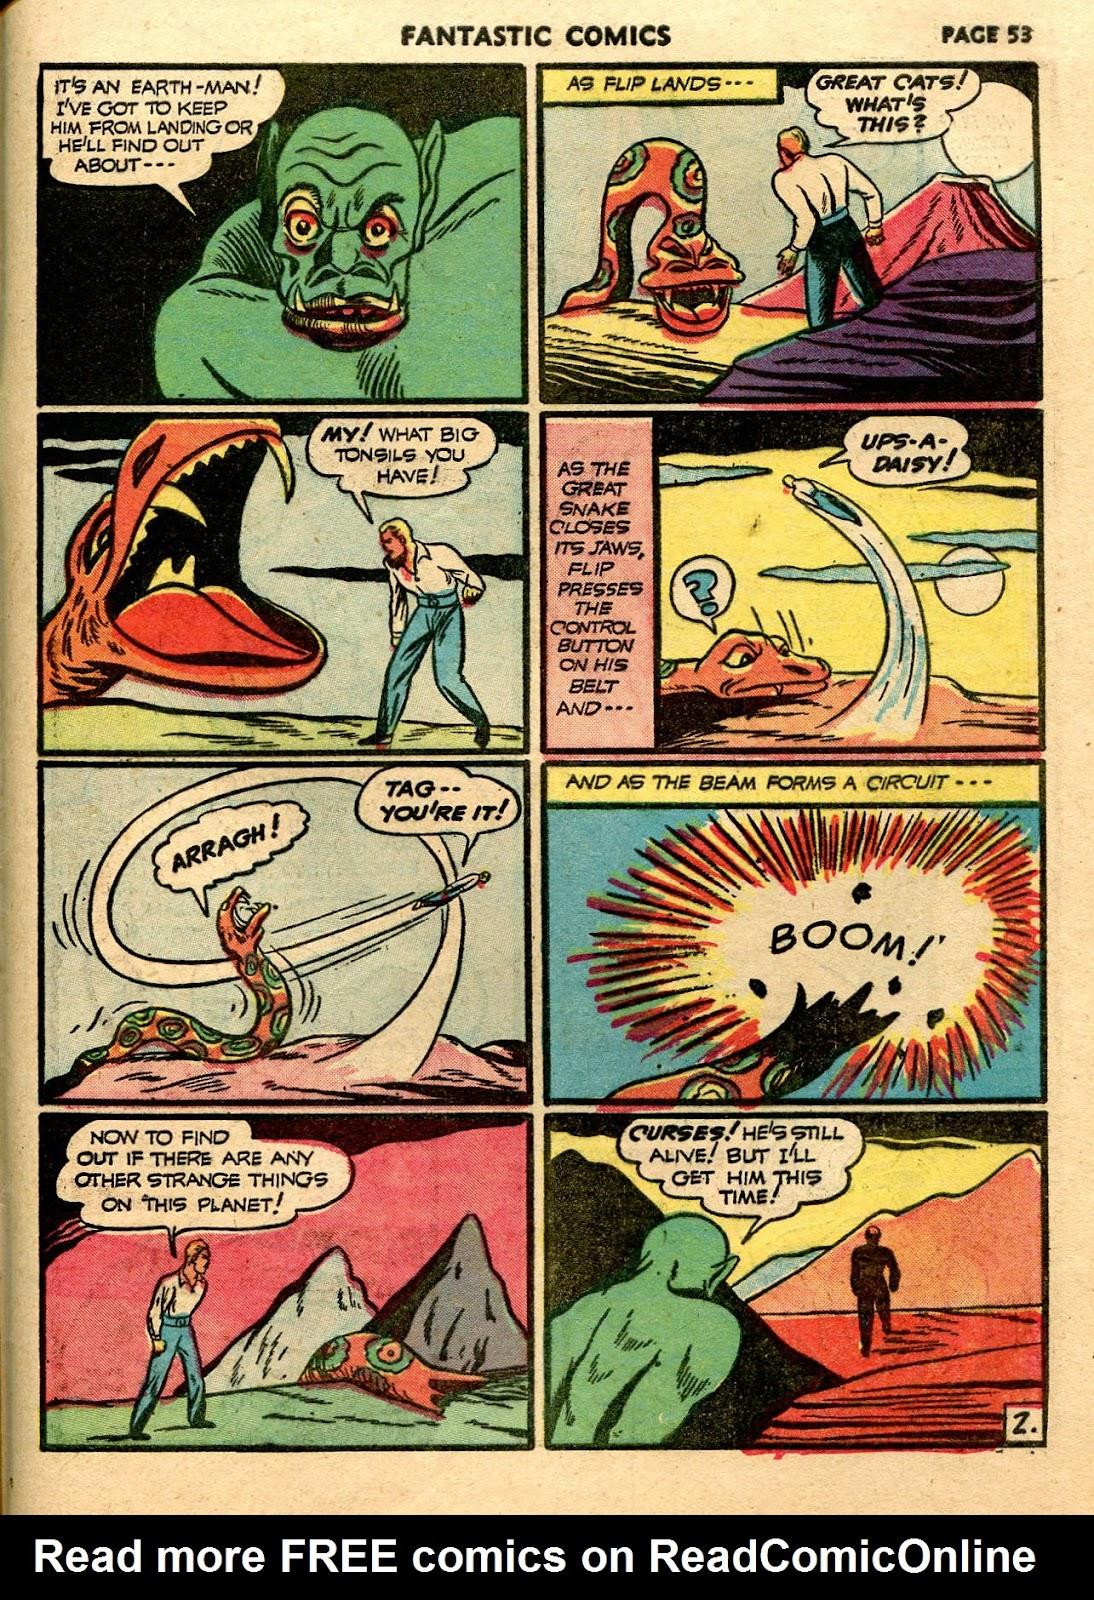 Read online Fantastic Comics comic -  Issue #21 - 51